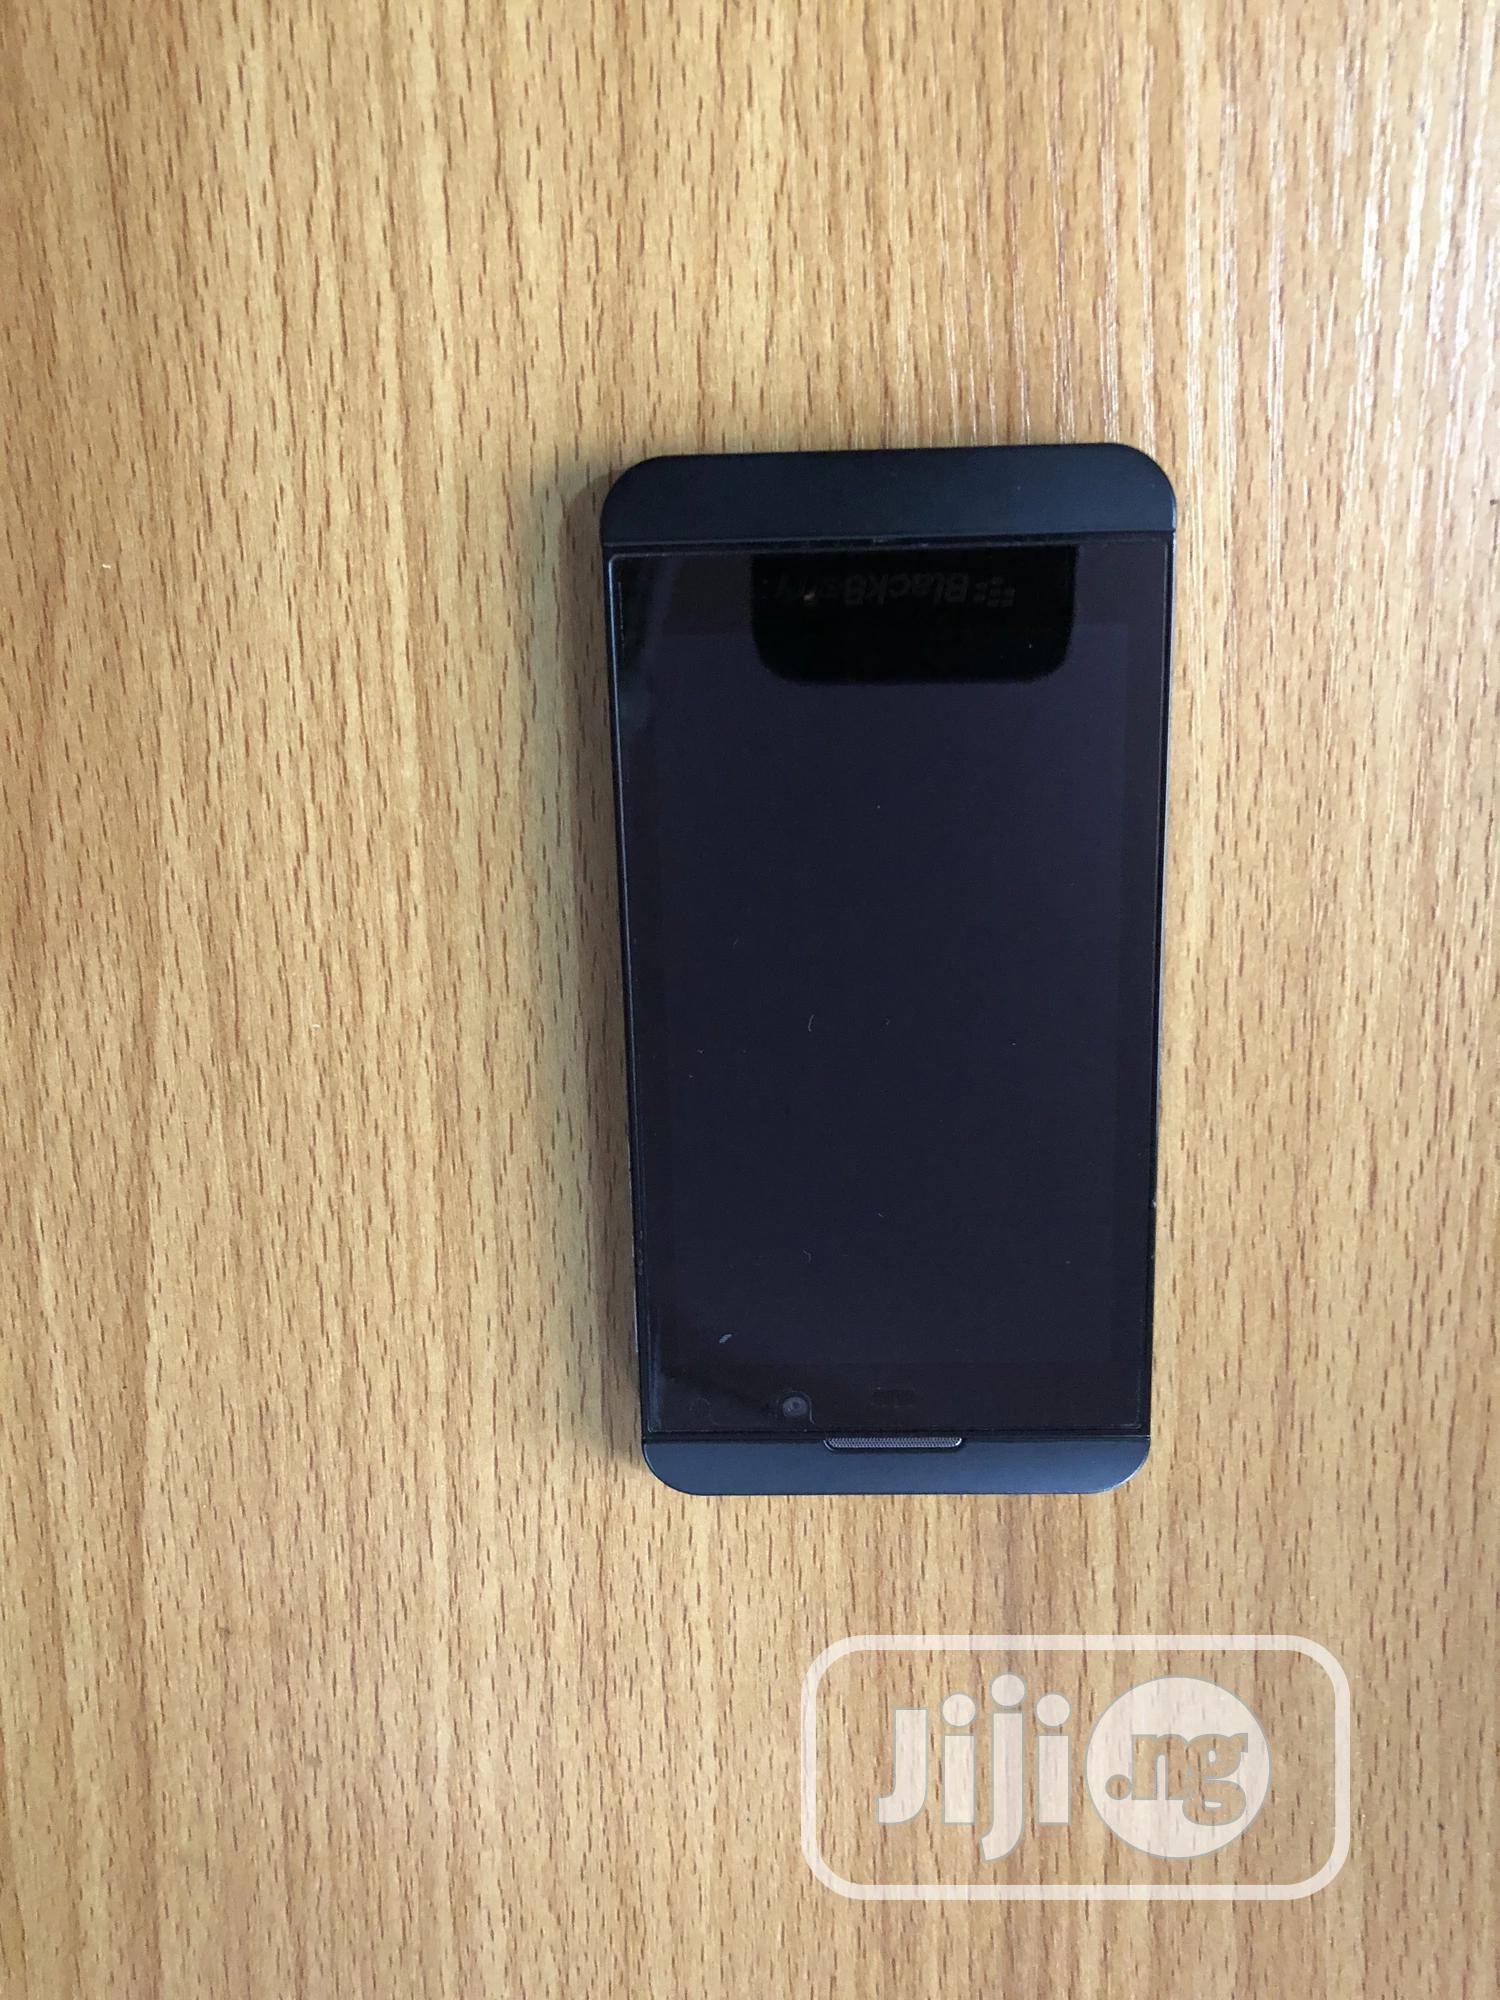 BlackBerry Z10 16 GB Black | Mobile Phones for sale in Mushin, Lagos State, Nigeria